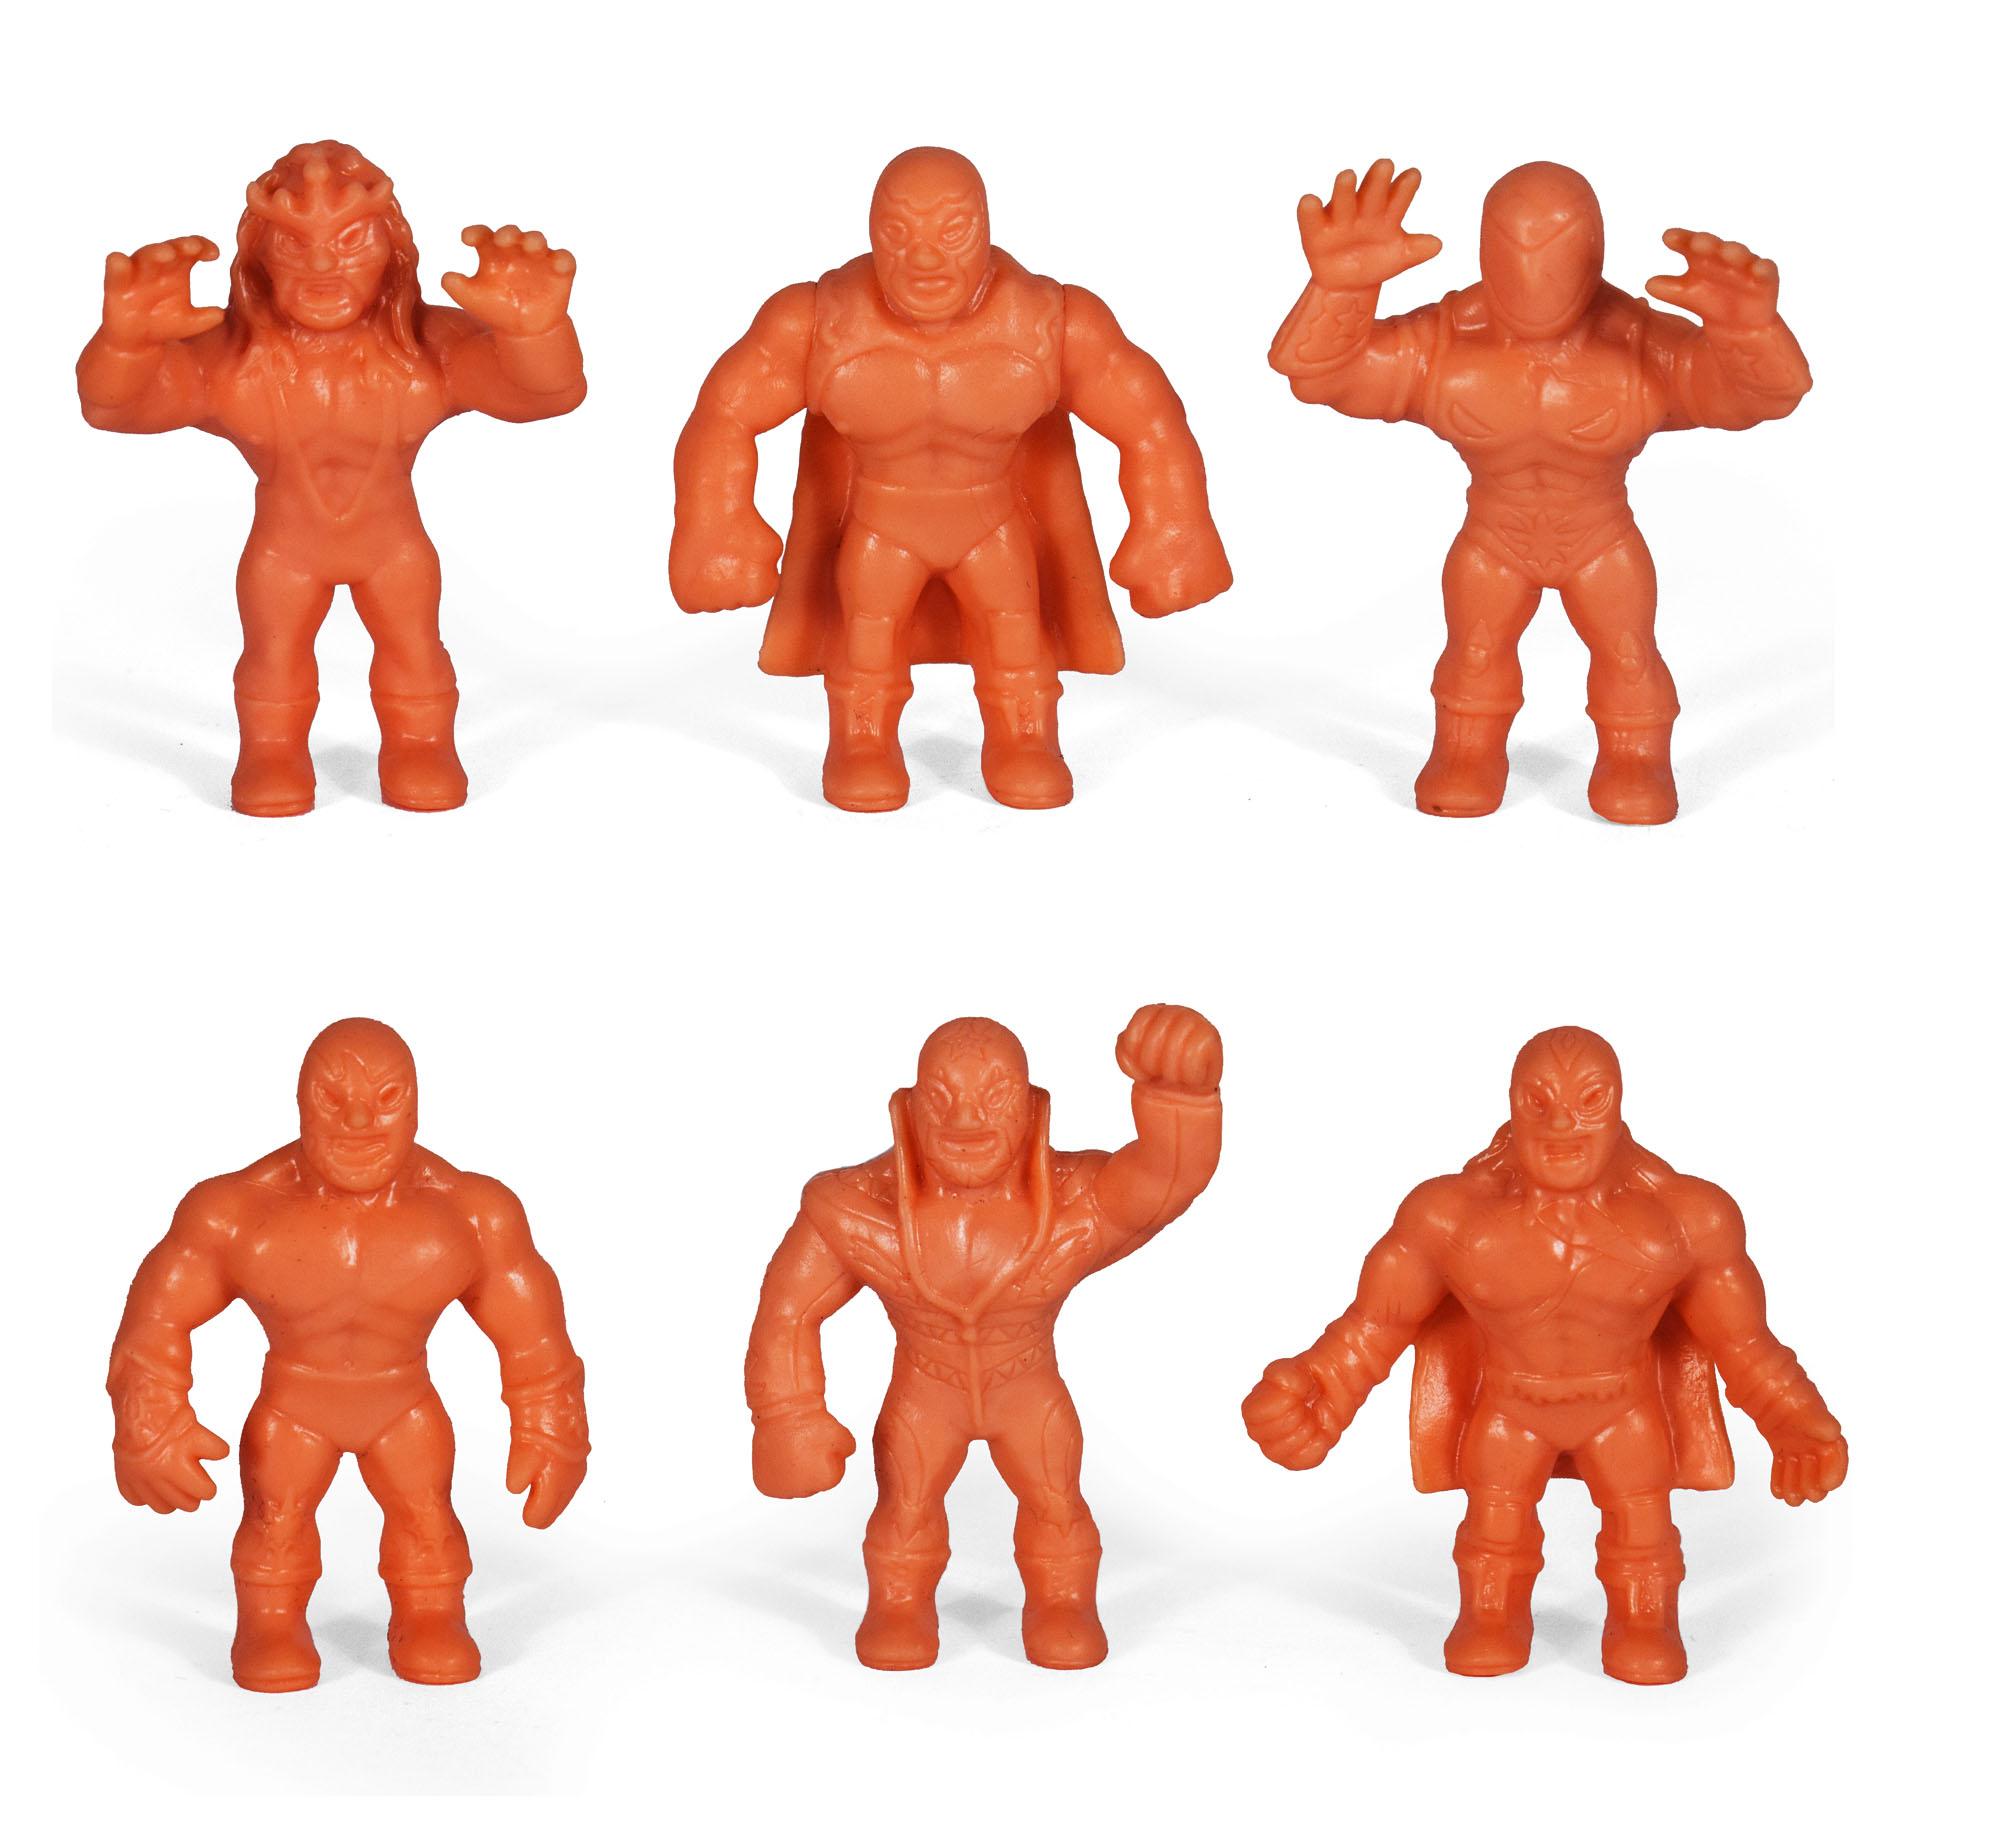 Super 7 Wrestlers - Luchadores